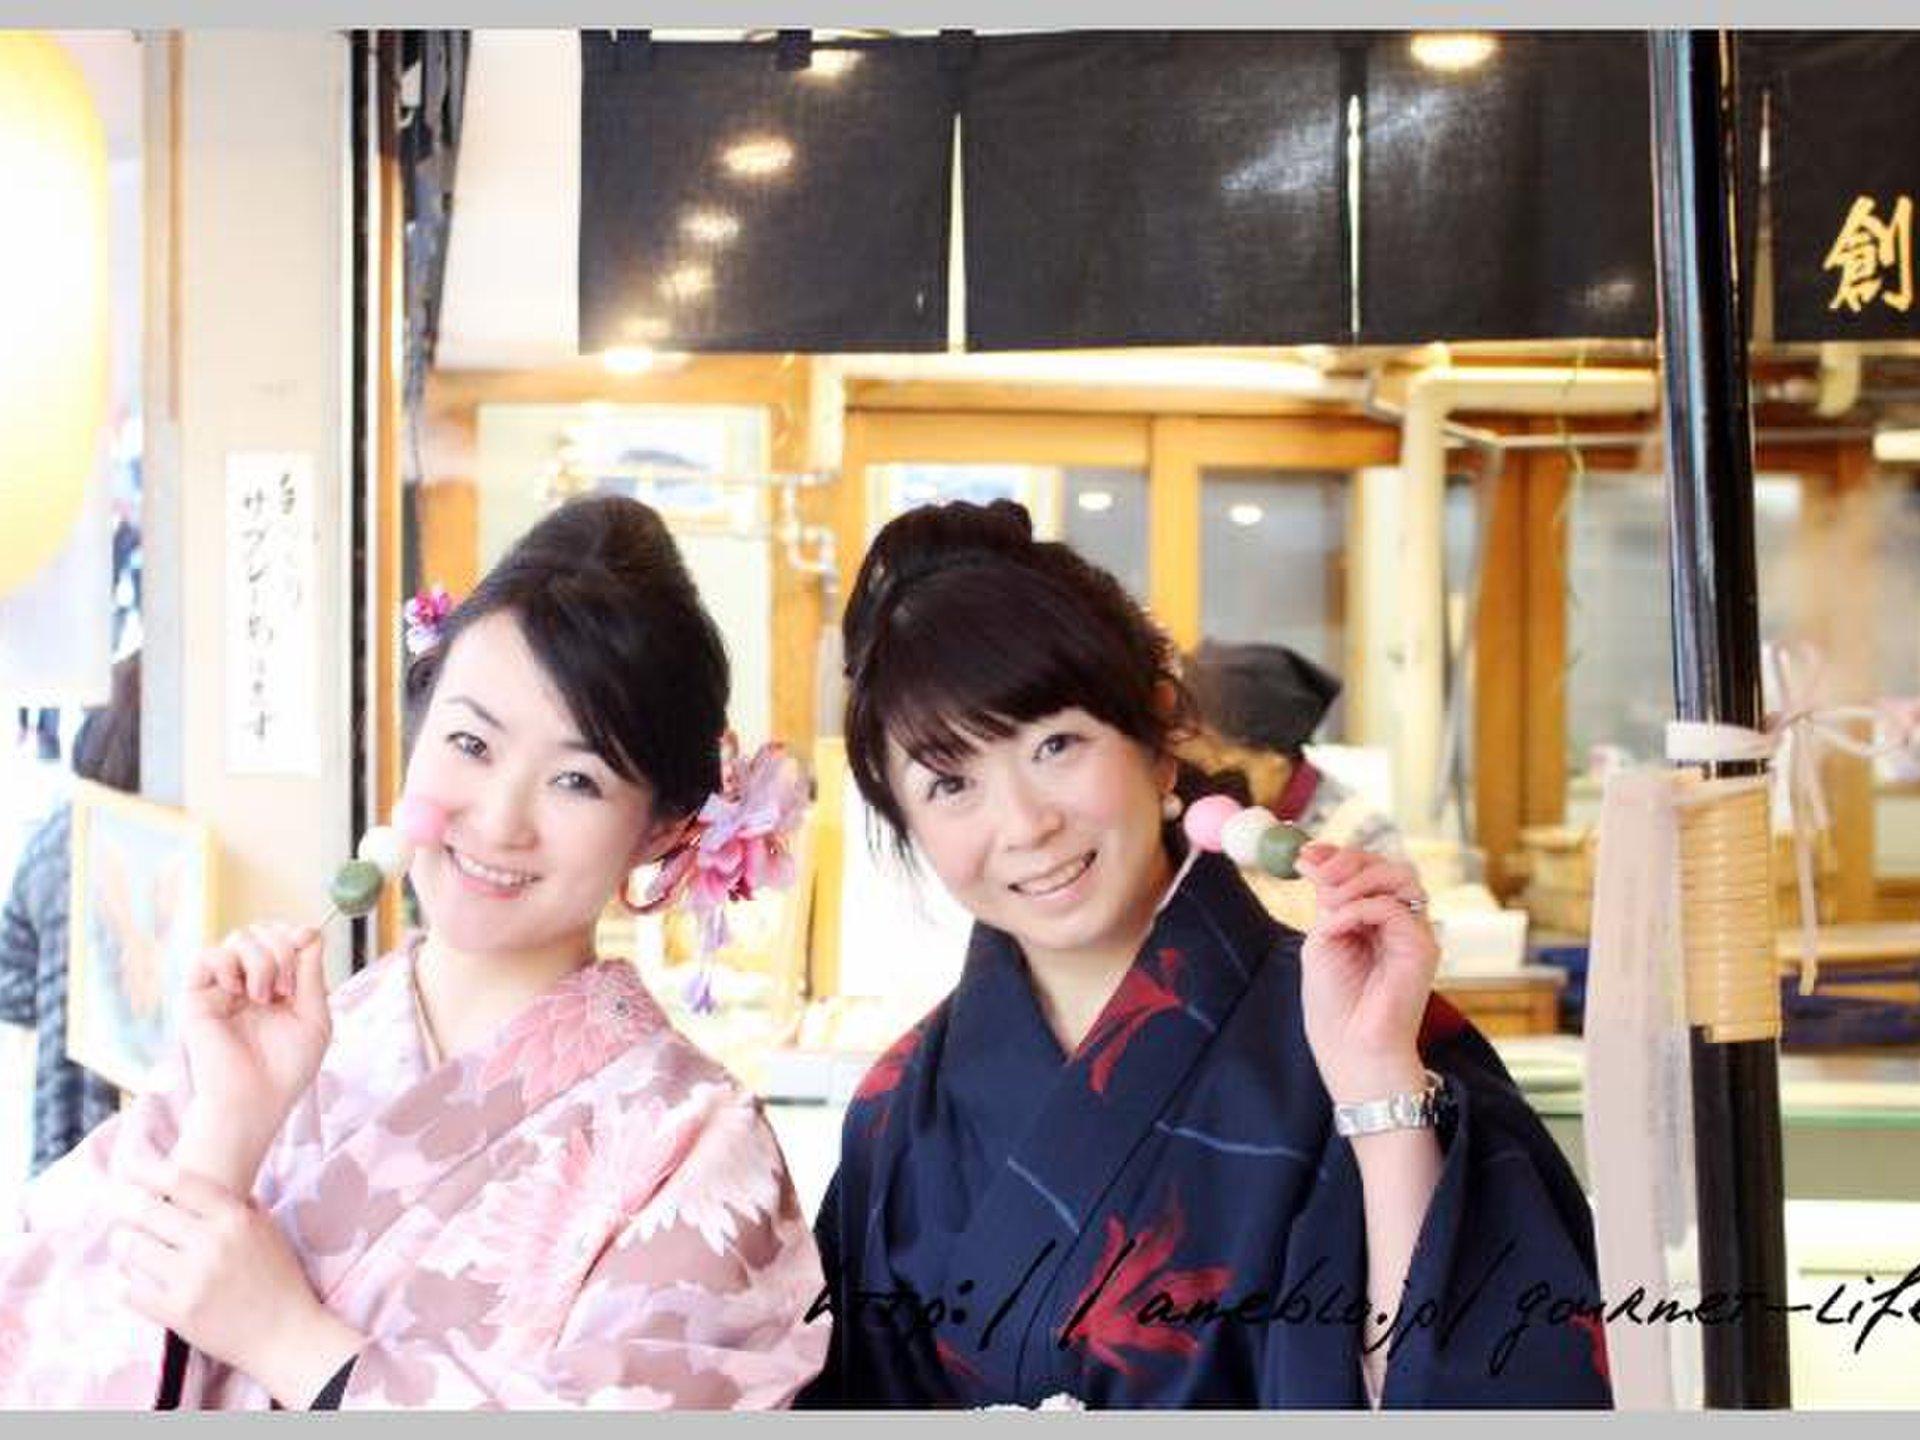 【子連れ&着物で江ノ島散策】ベビーカーOKでSNS映え間違い無しのお出かけ&食べ歩きスポット